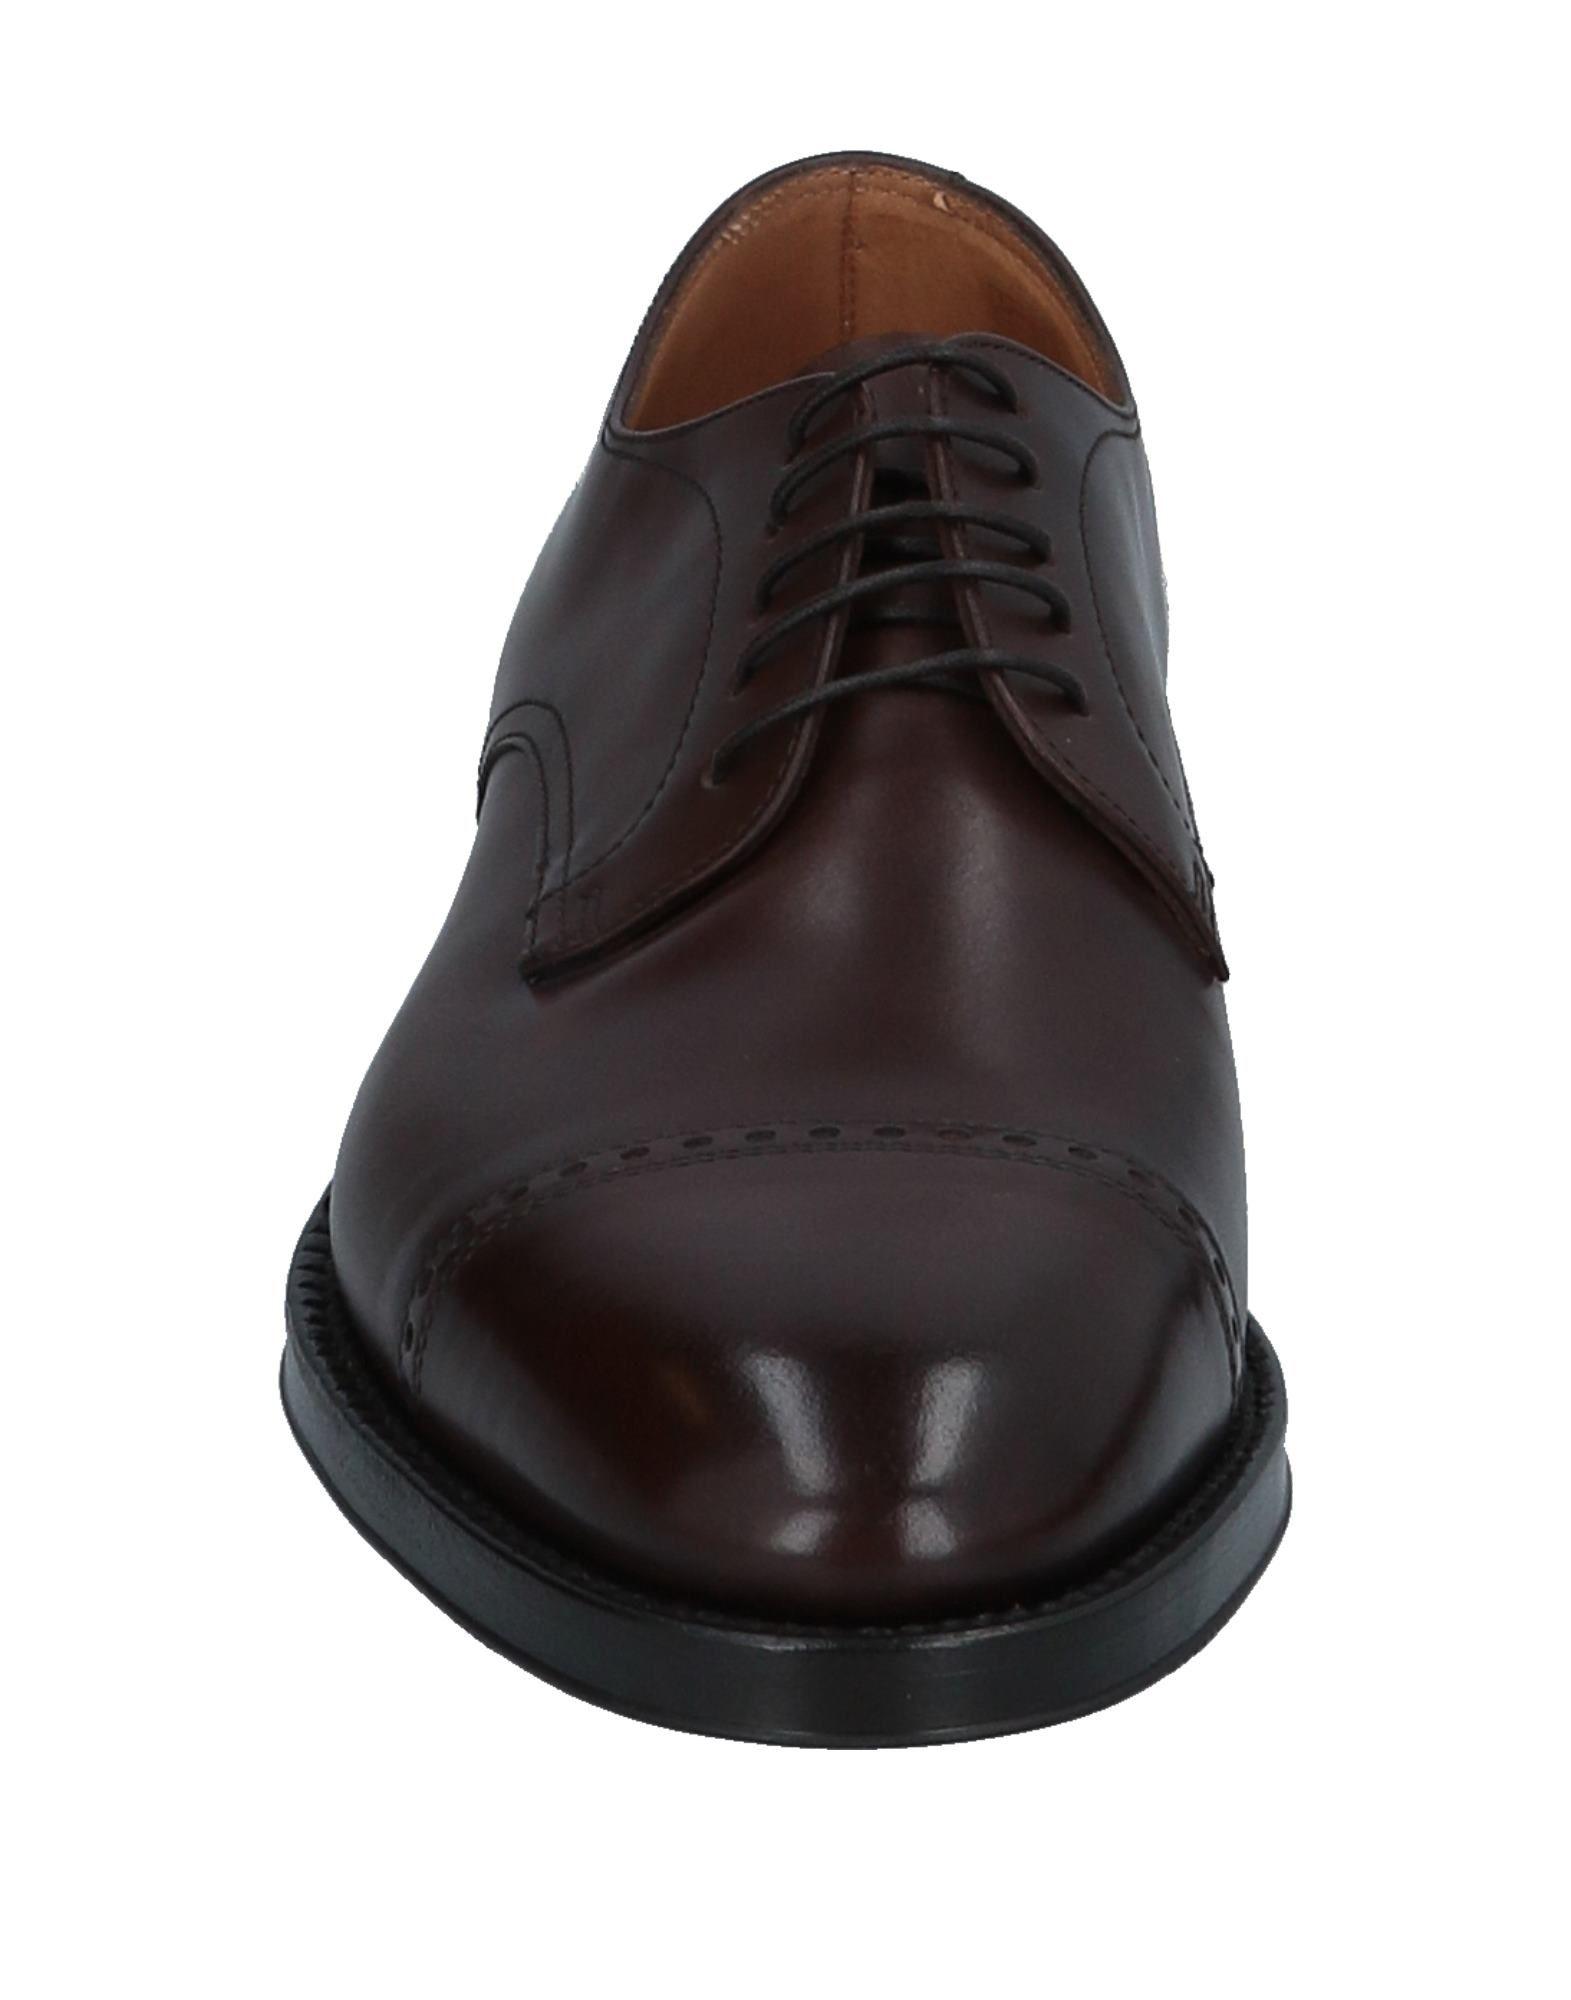 Fabi Schnürschuhe Herren  11532346DG Gute Qualität beliebte Schuhe